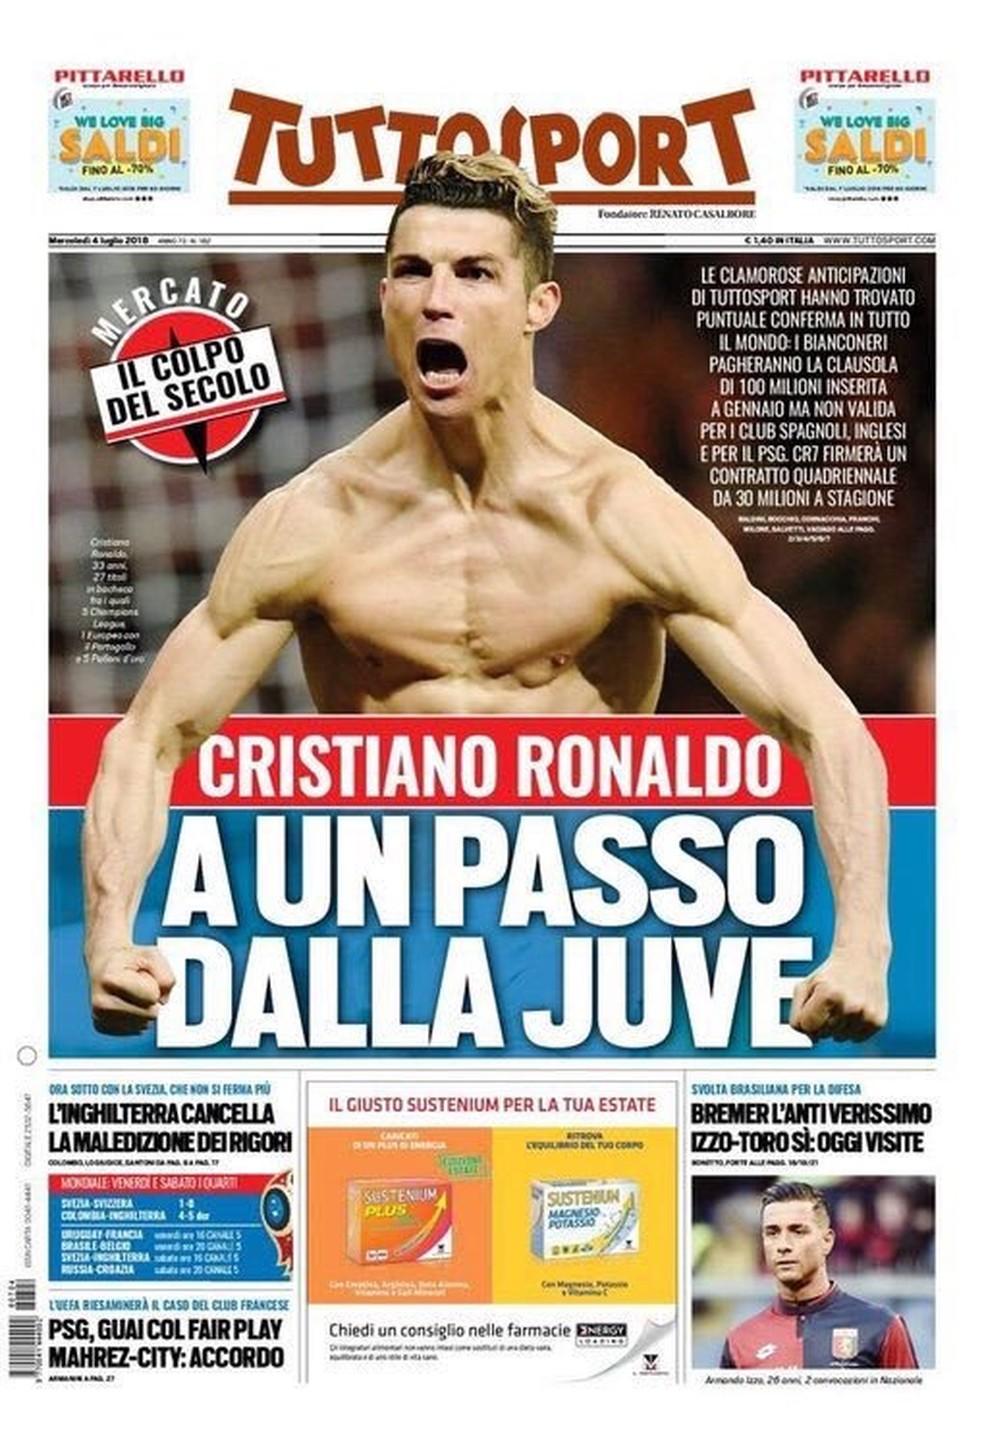 Cristiano Ronaldo Tuttosport (Foto: Reprodução)